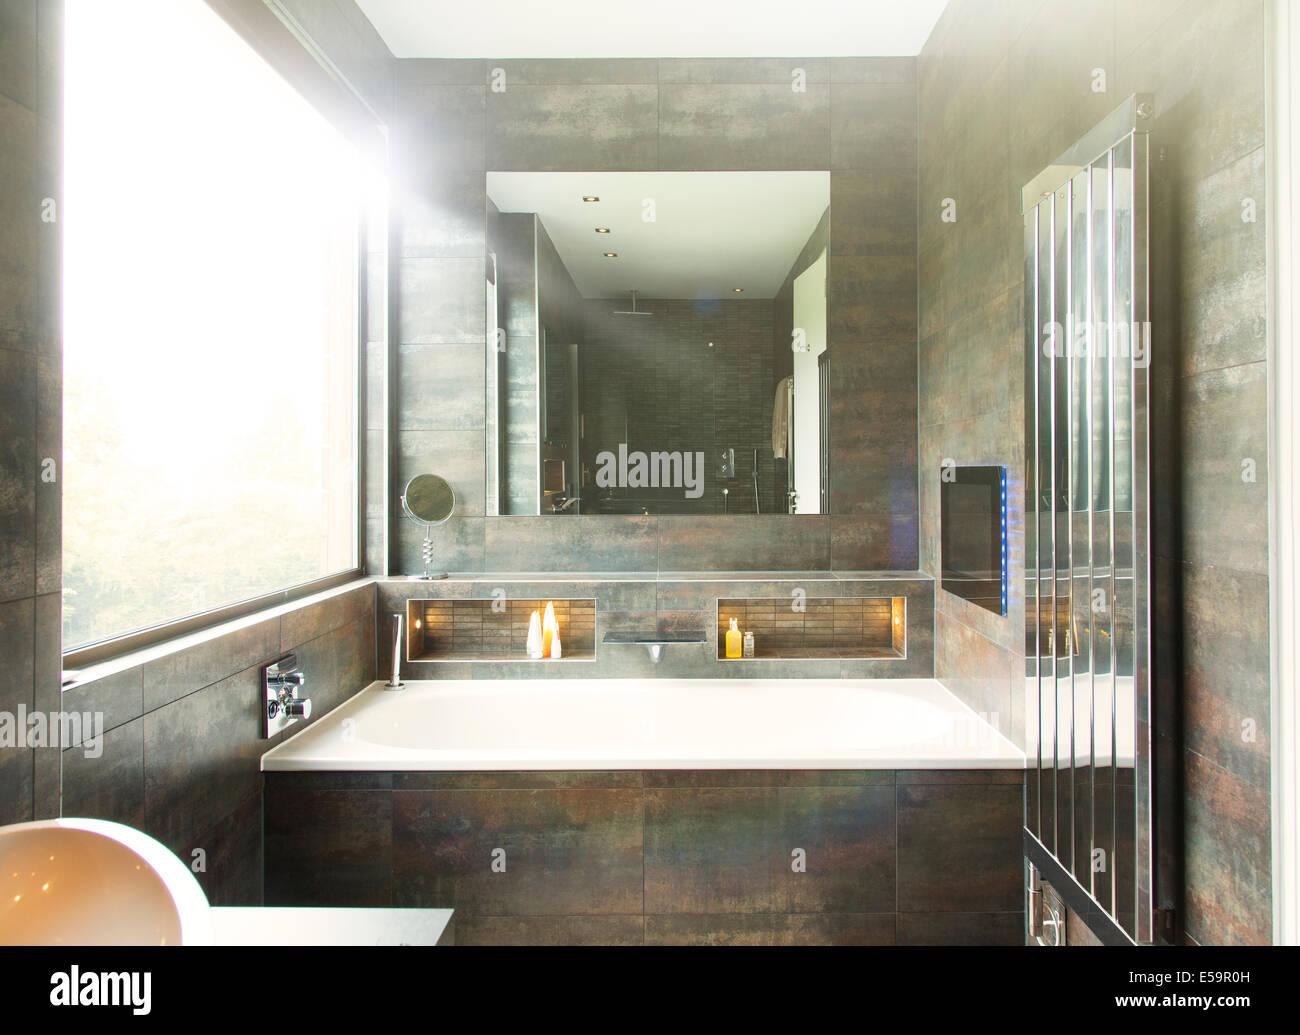 Baignoire et miroir dans salle de bains moderne Photo Stock